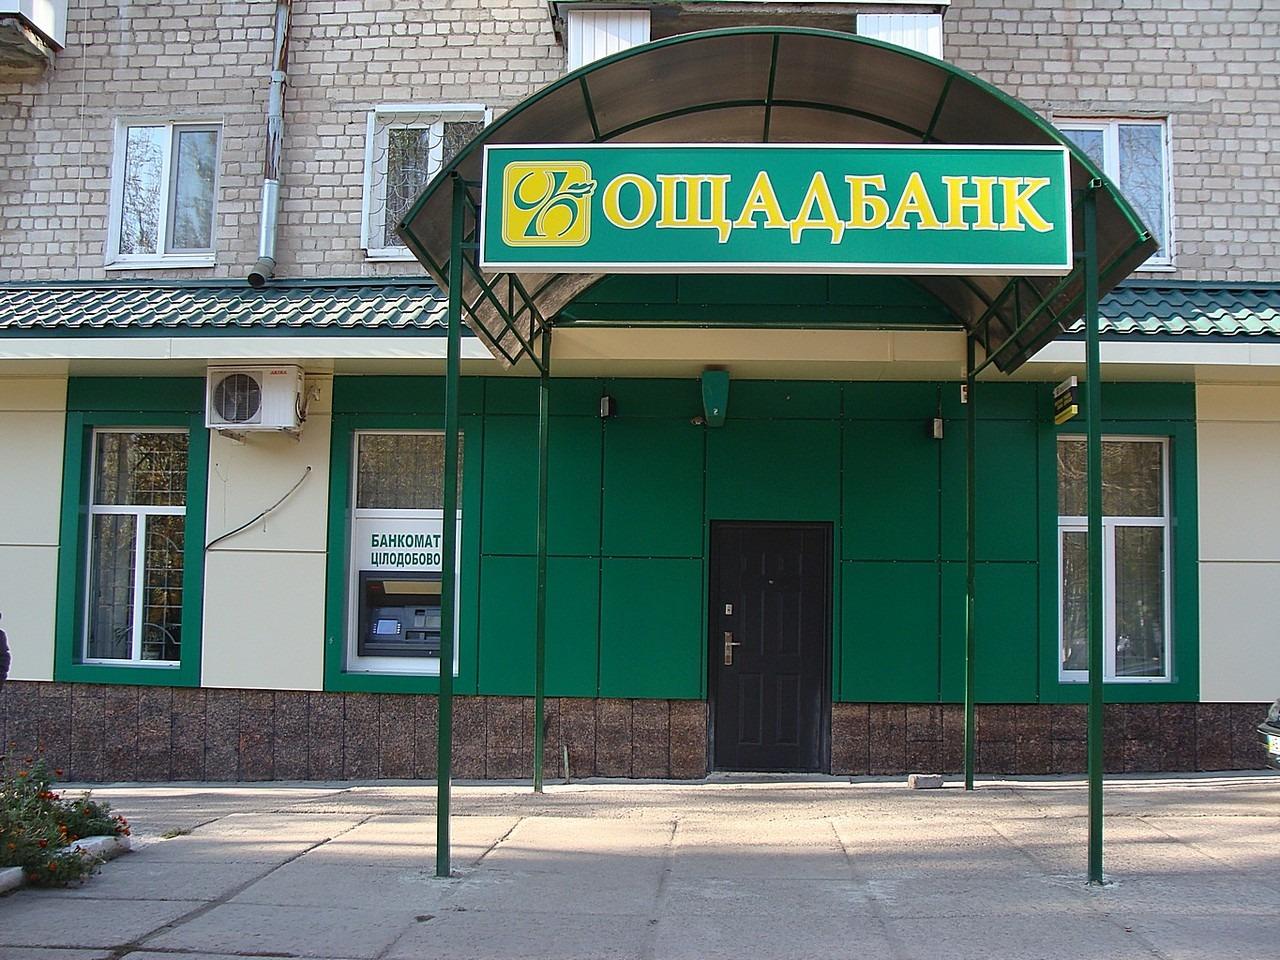 Суд в Париже отклонил апелляцию России на решение по Ощадбанку